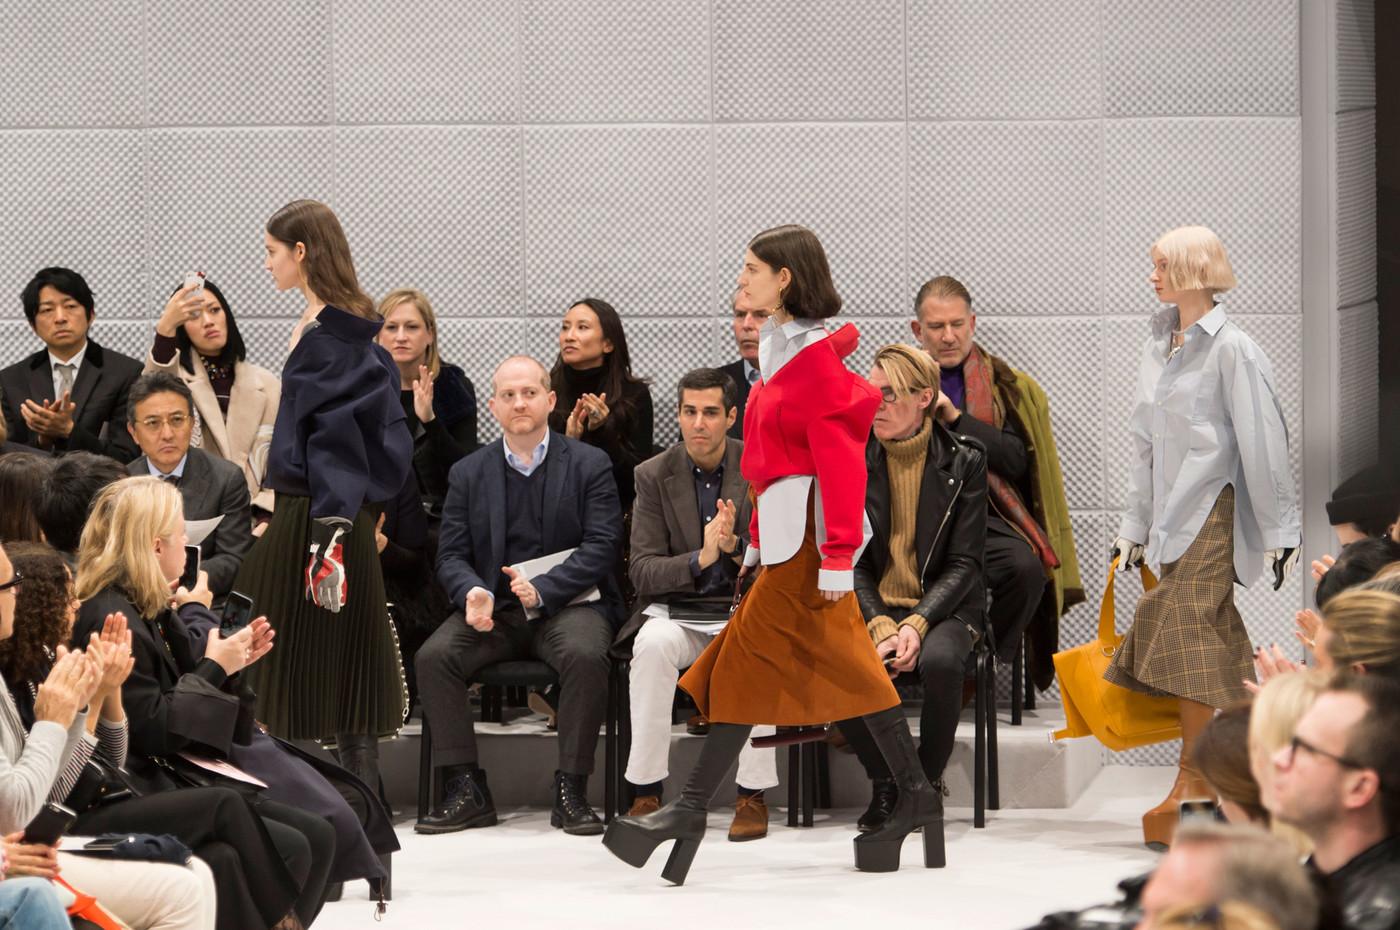 Balenciaga to launch menswear collection fashion news / Balenciaga Fall/Winter 2016